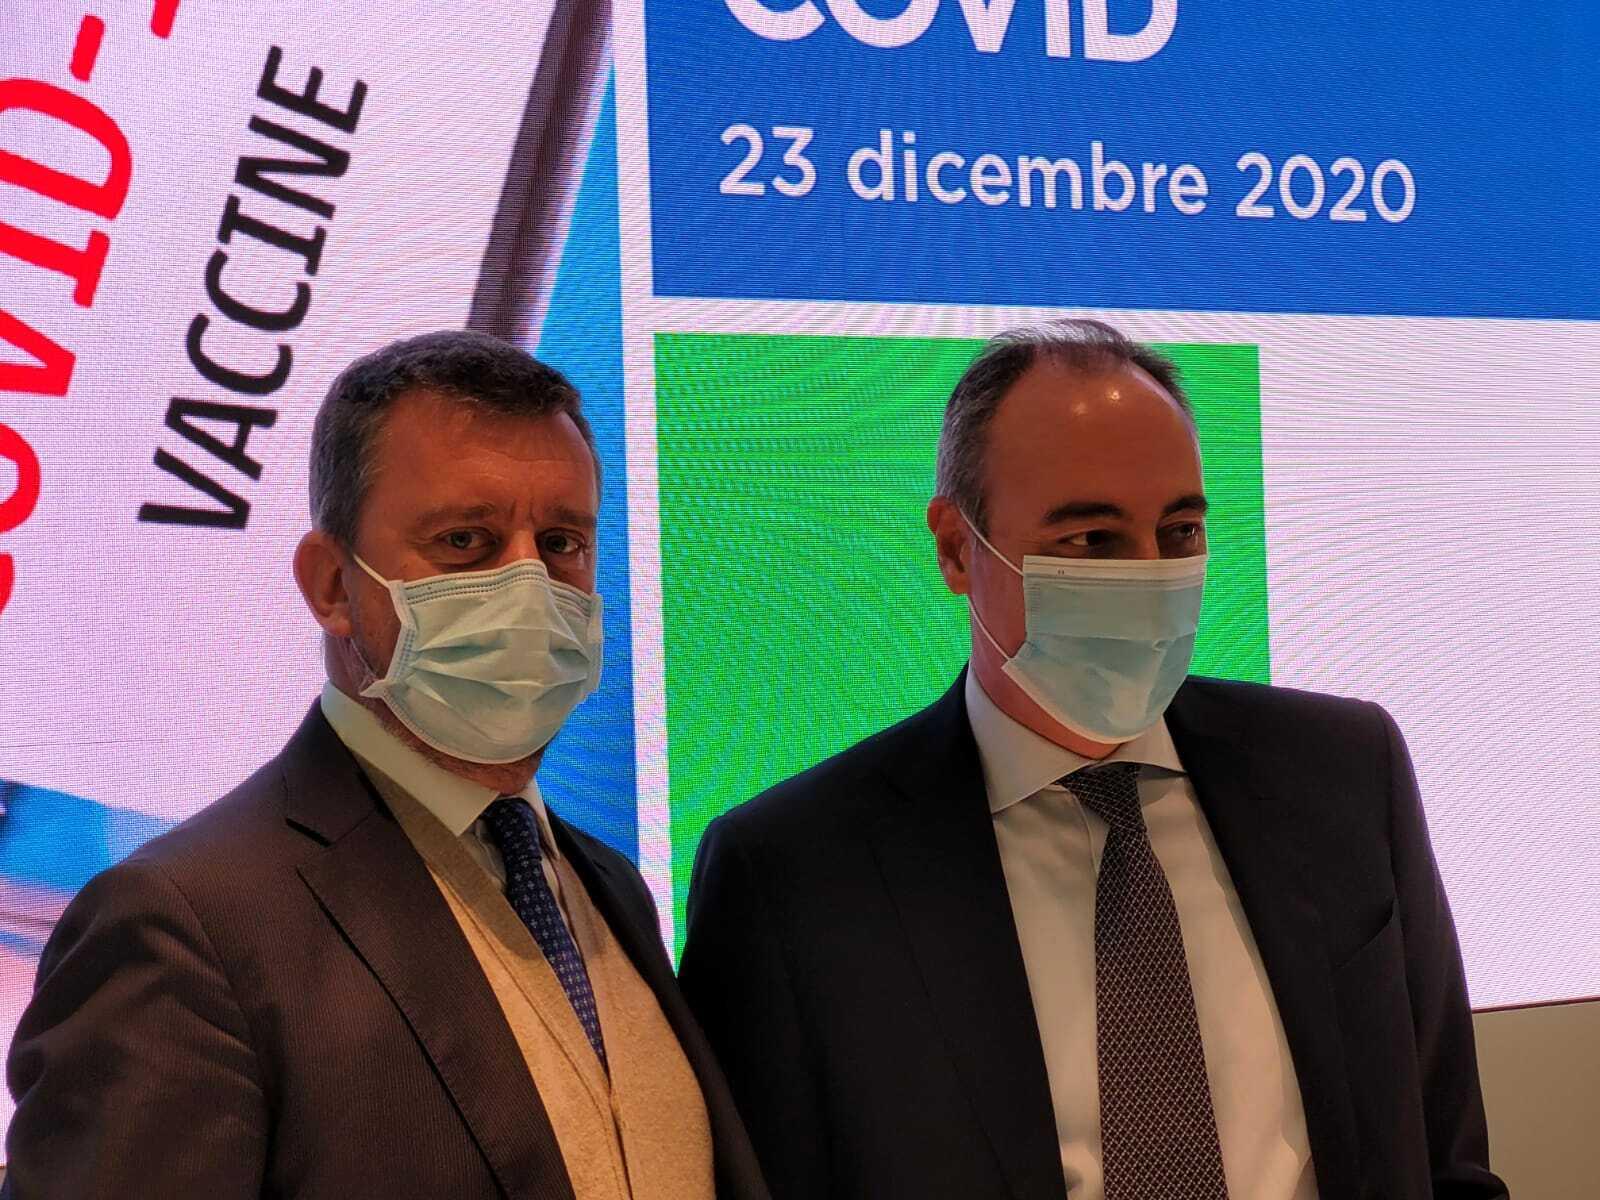 Piano Vaccini a Milano e in Lombardia, covid coronavirus (2)-2